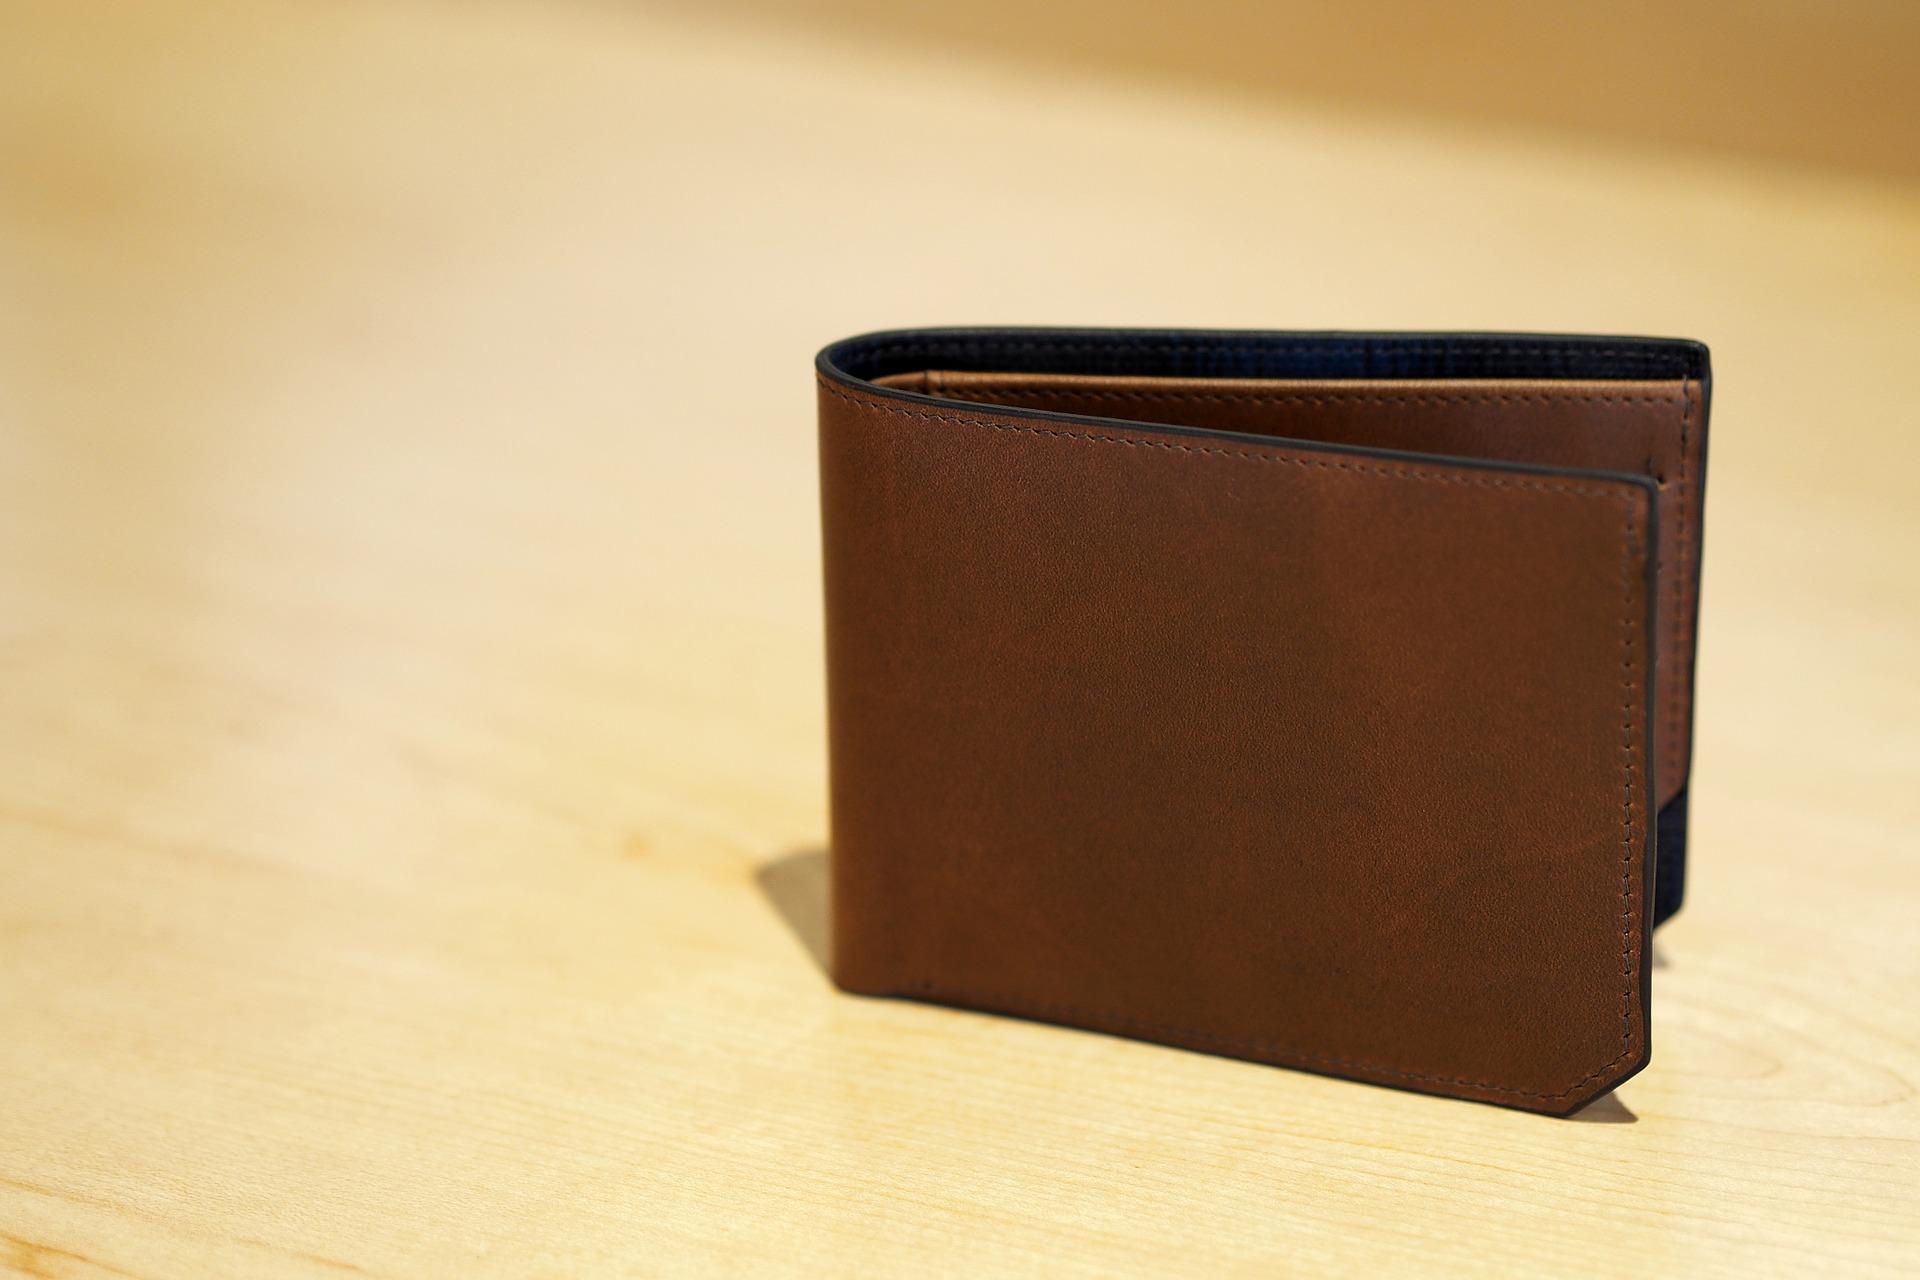 Jak wybrać portfel skórzany?